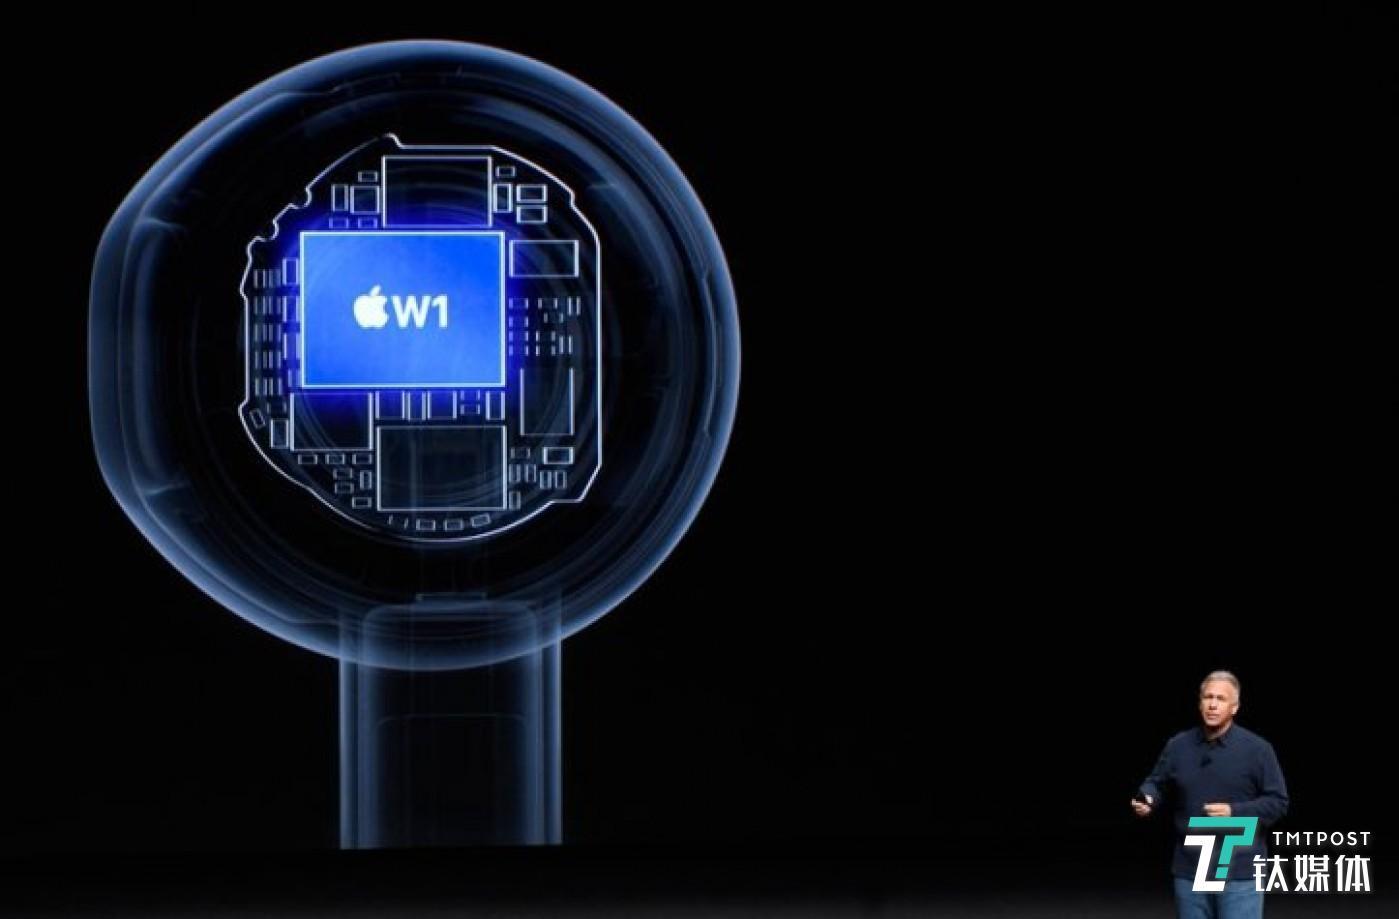 苹果 W1 芯片